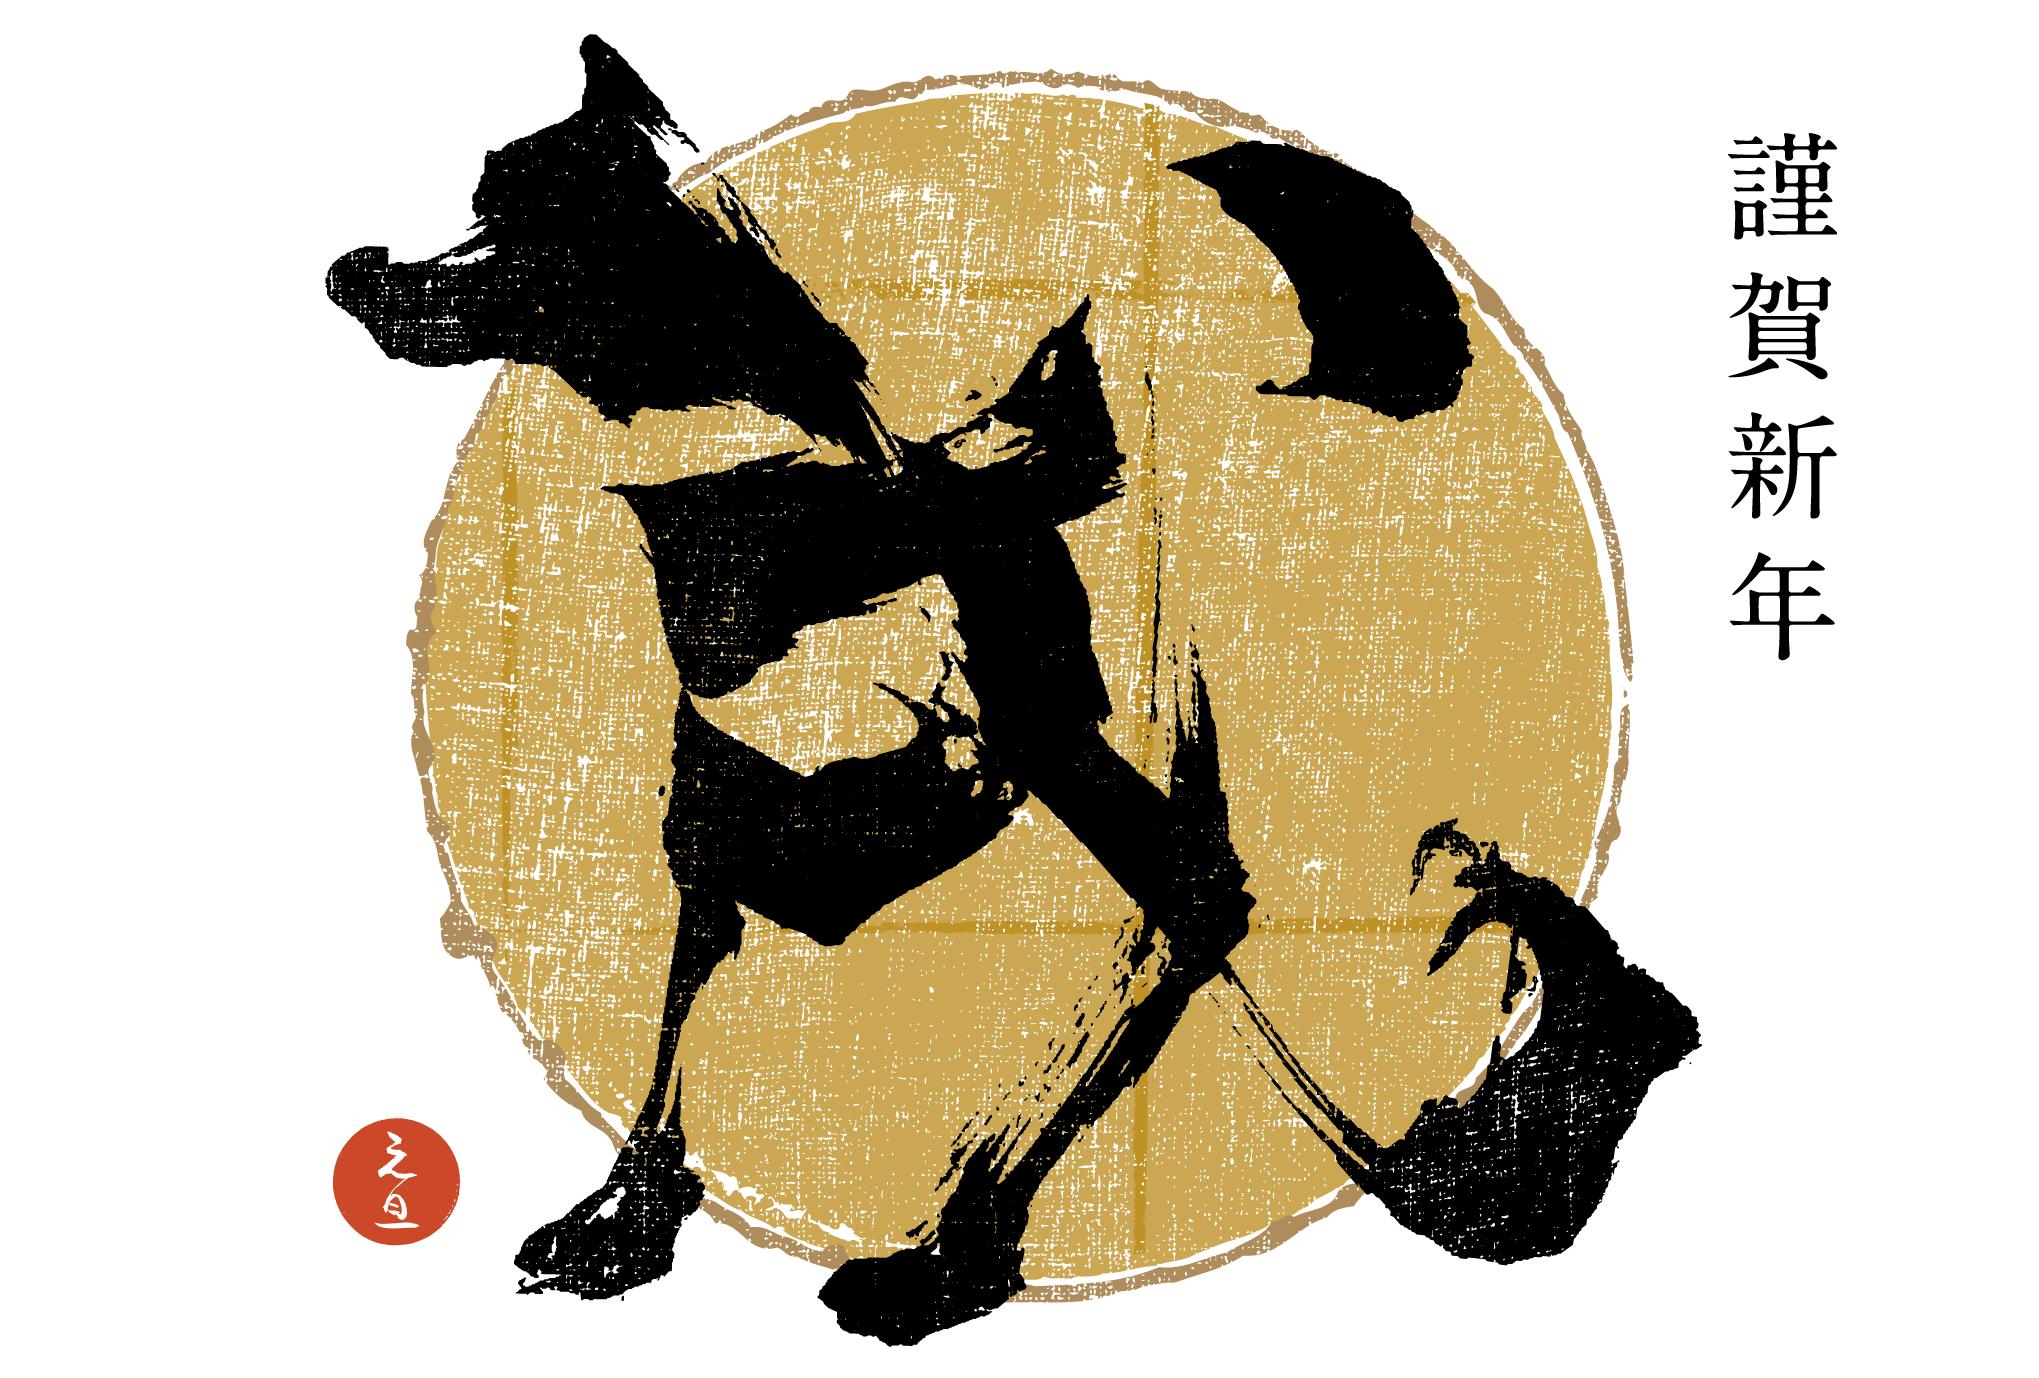 2018年賀状11-1:戌 Calligraphy – B(謹賀金色丸)のダウンロード画像